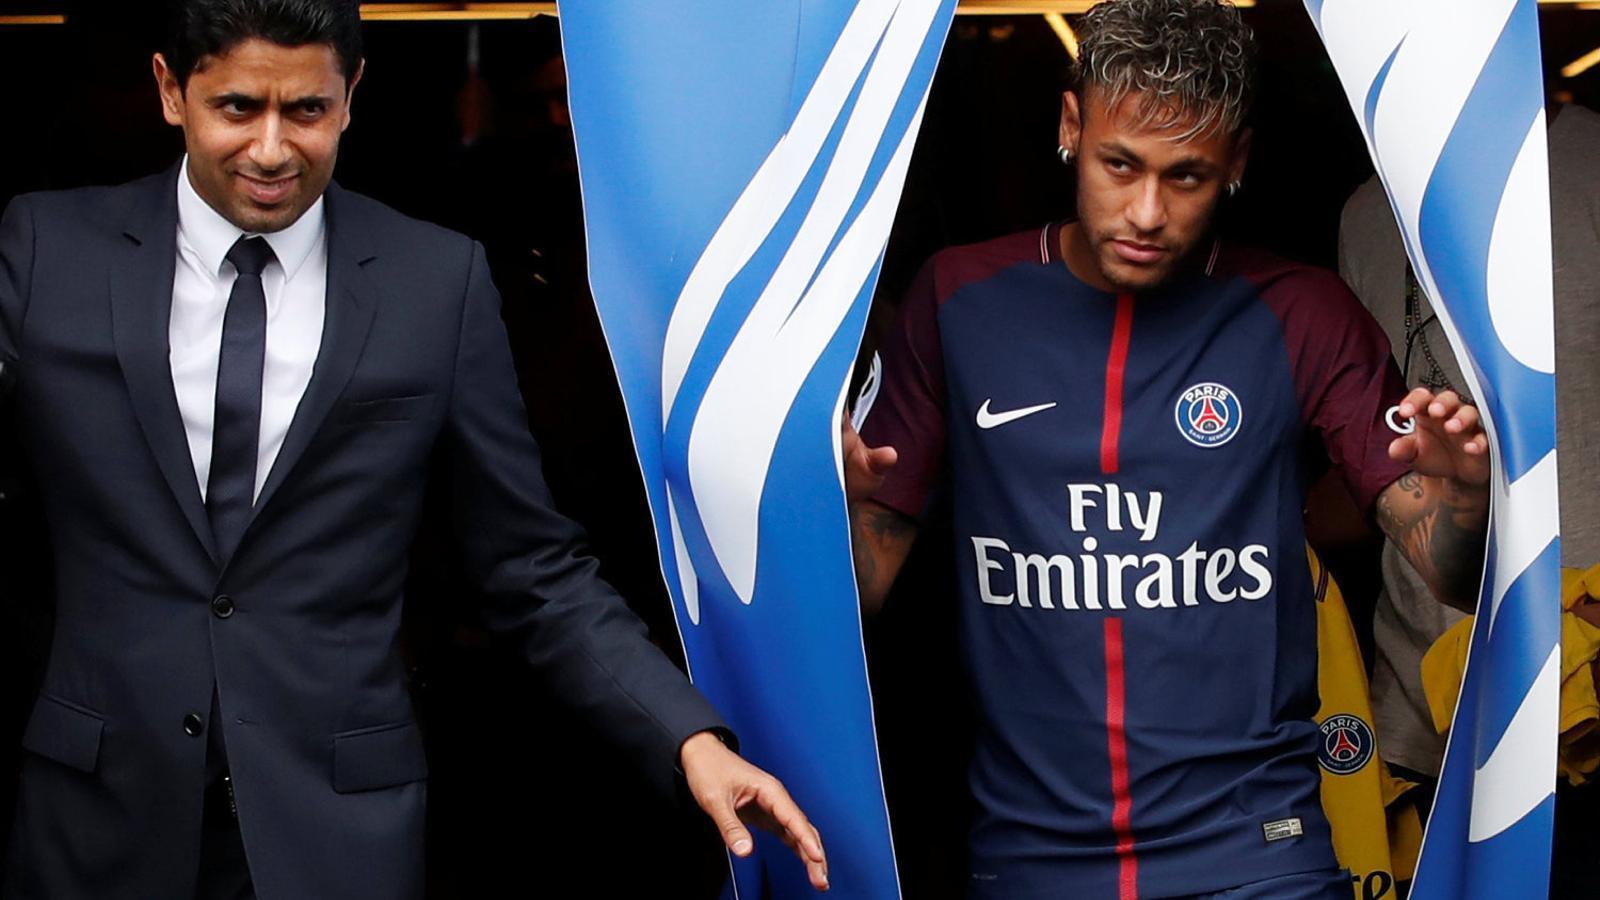 Nasser al-Khelaifi i Neymar sortint plegats per fer la sessió de fotografies al futbolista brasiler.